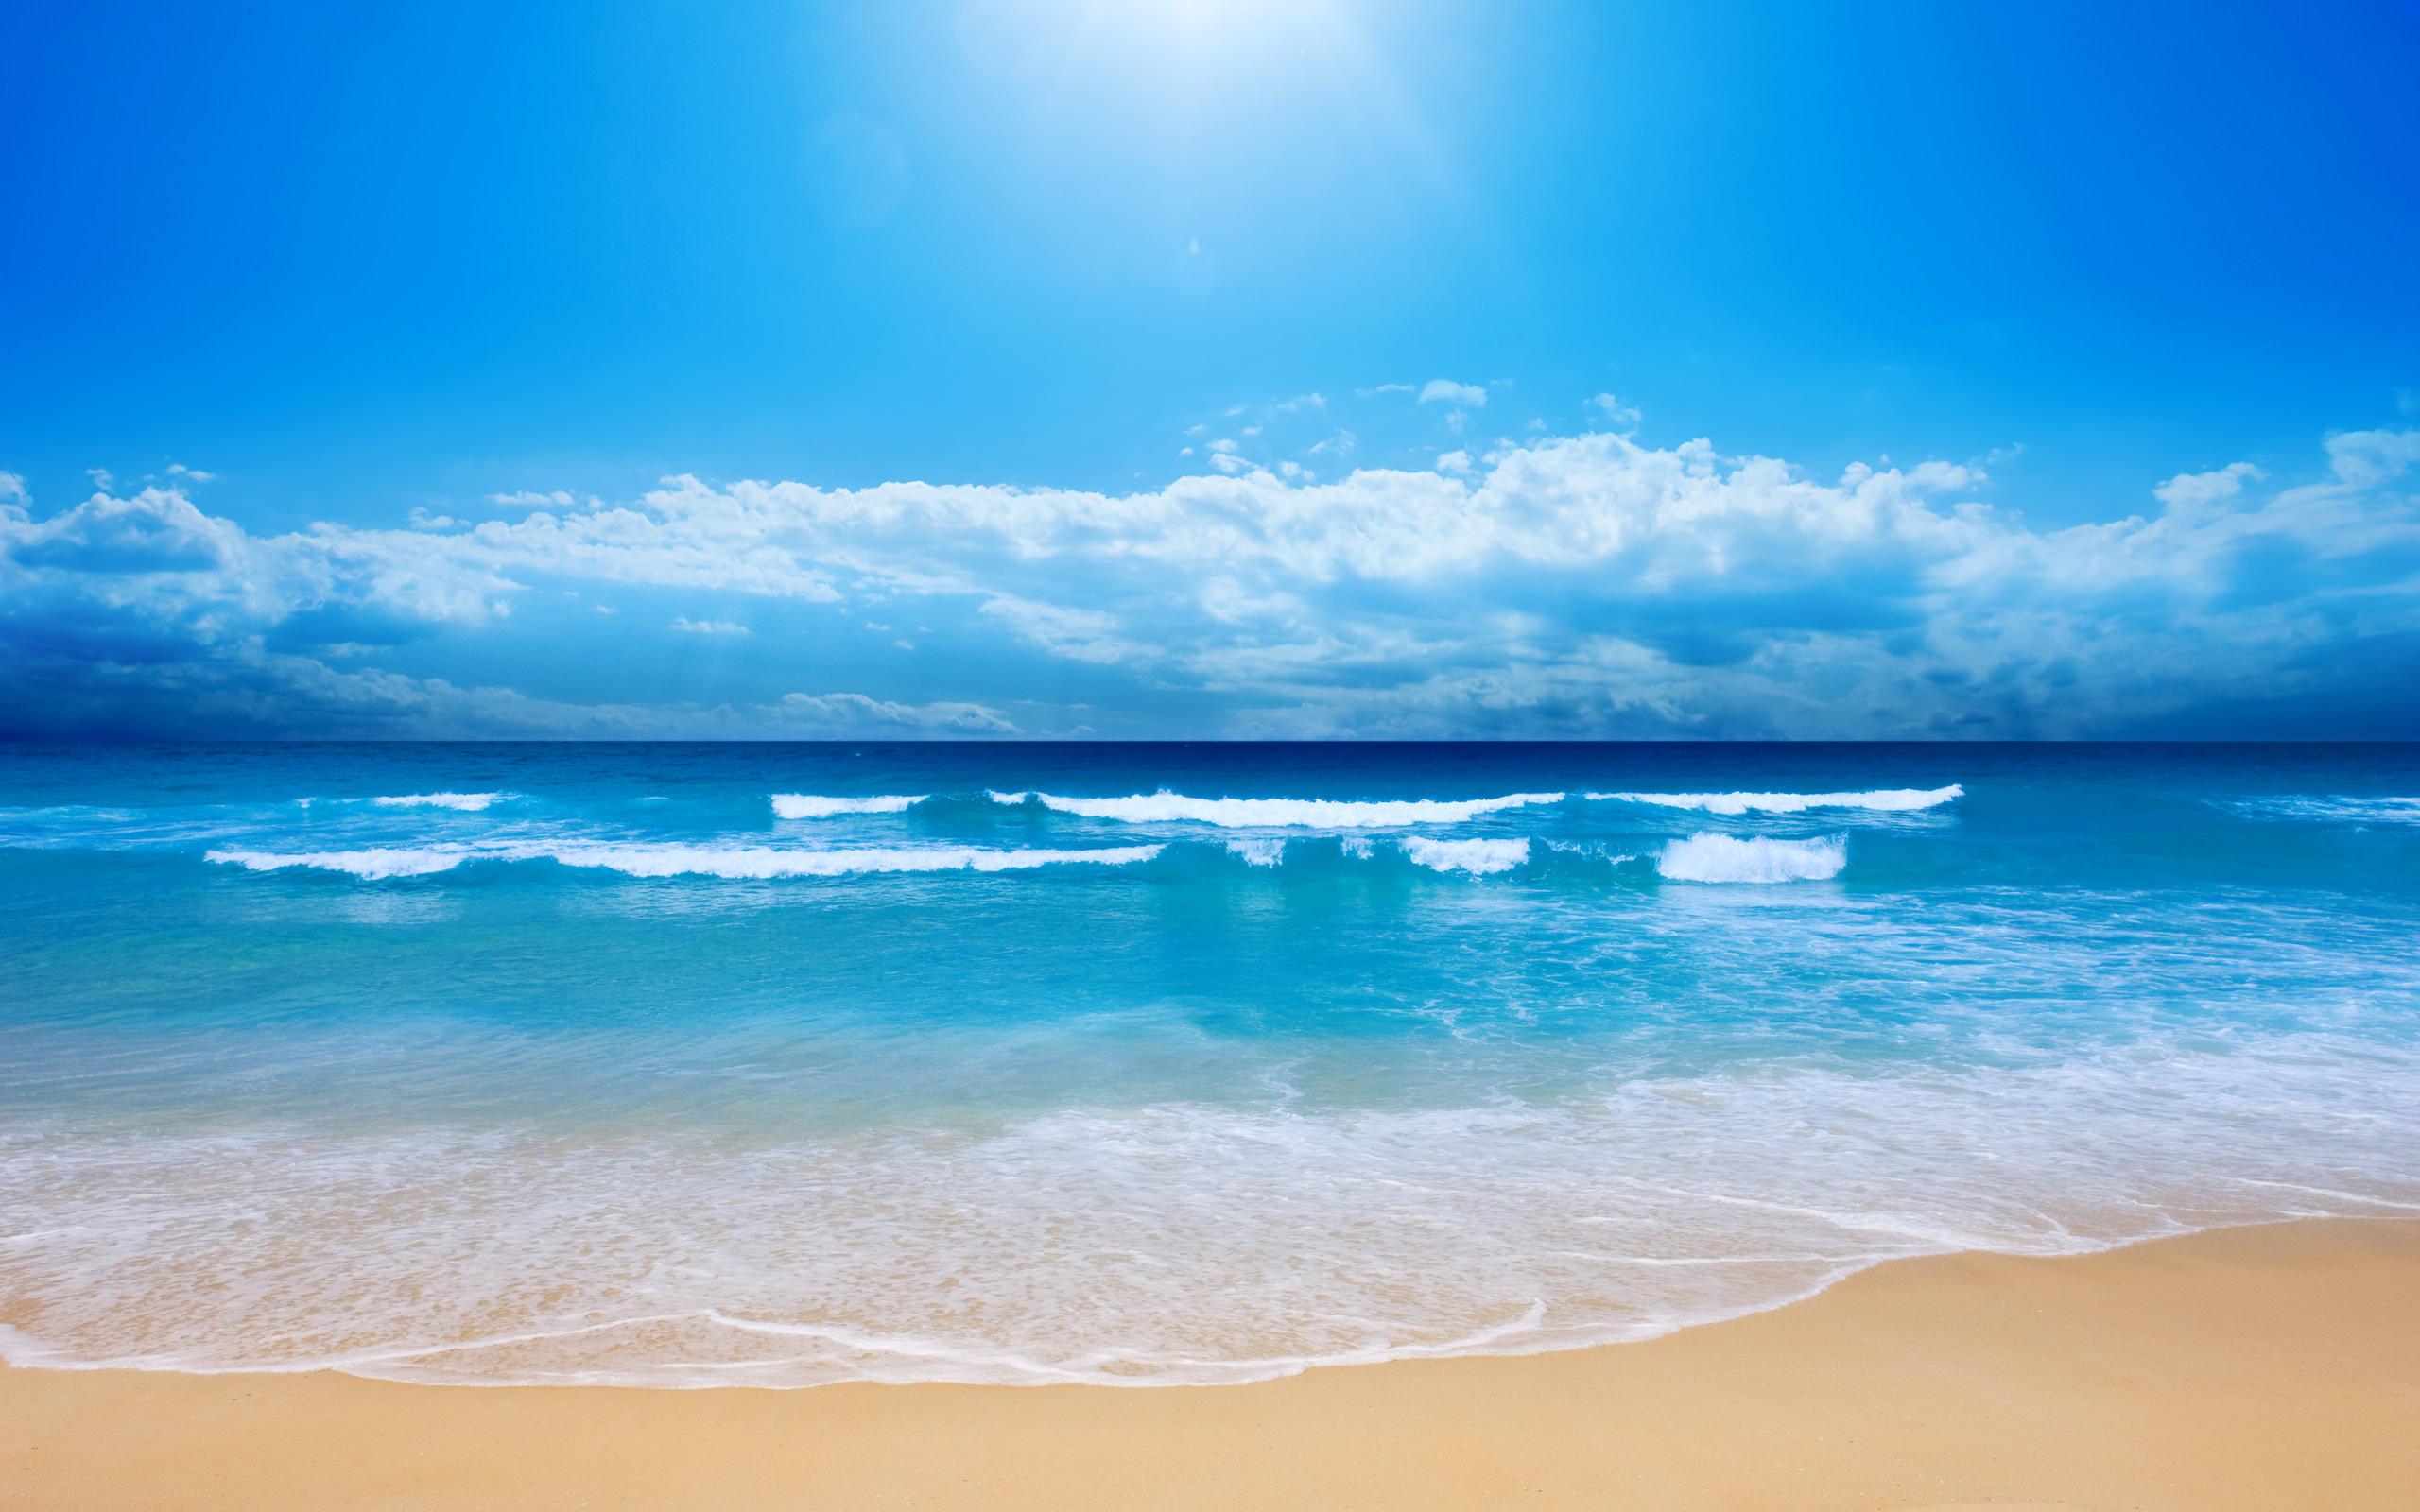 этих красивые фотографии моря и небо хорошего качества амулета исполнен типичных